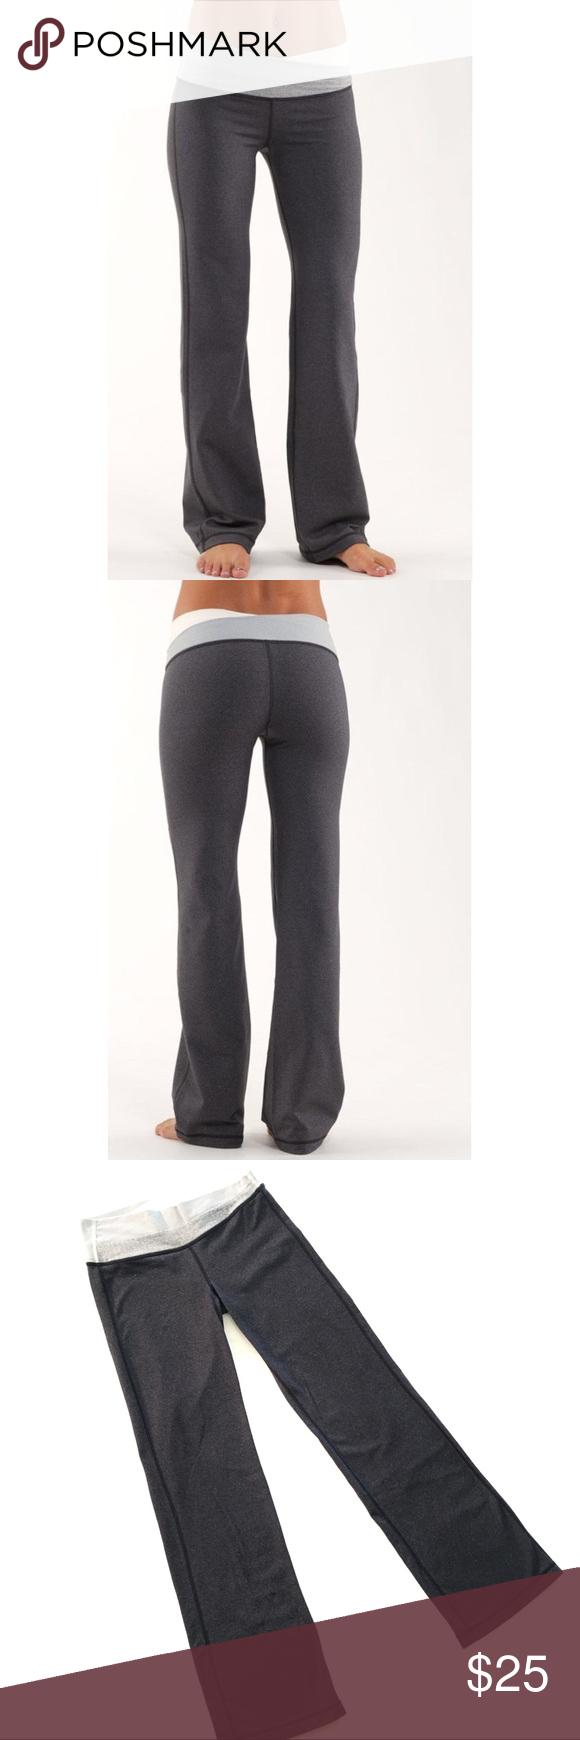 d2c4989cfece8e Lululemon Astro Pant (Regular) in Heathered Gray Lululemon Astro Pant  (Regular) Color